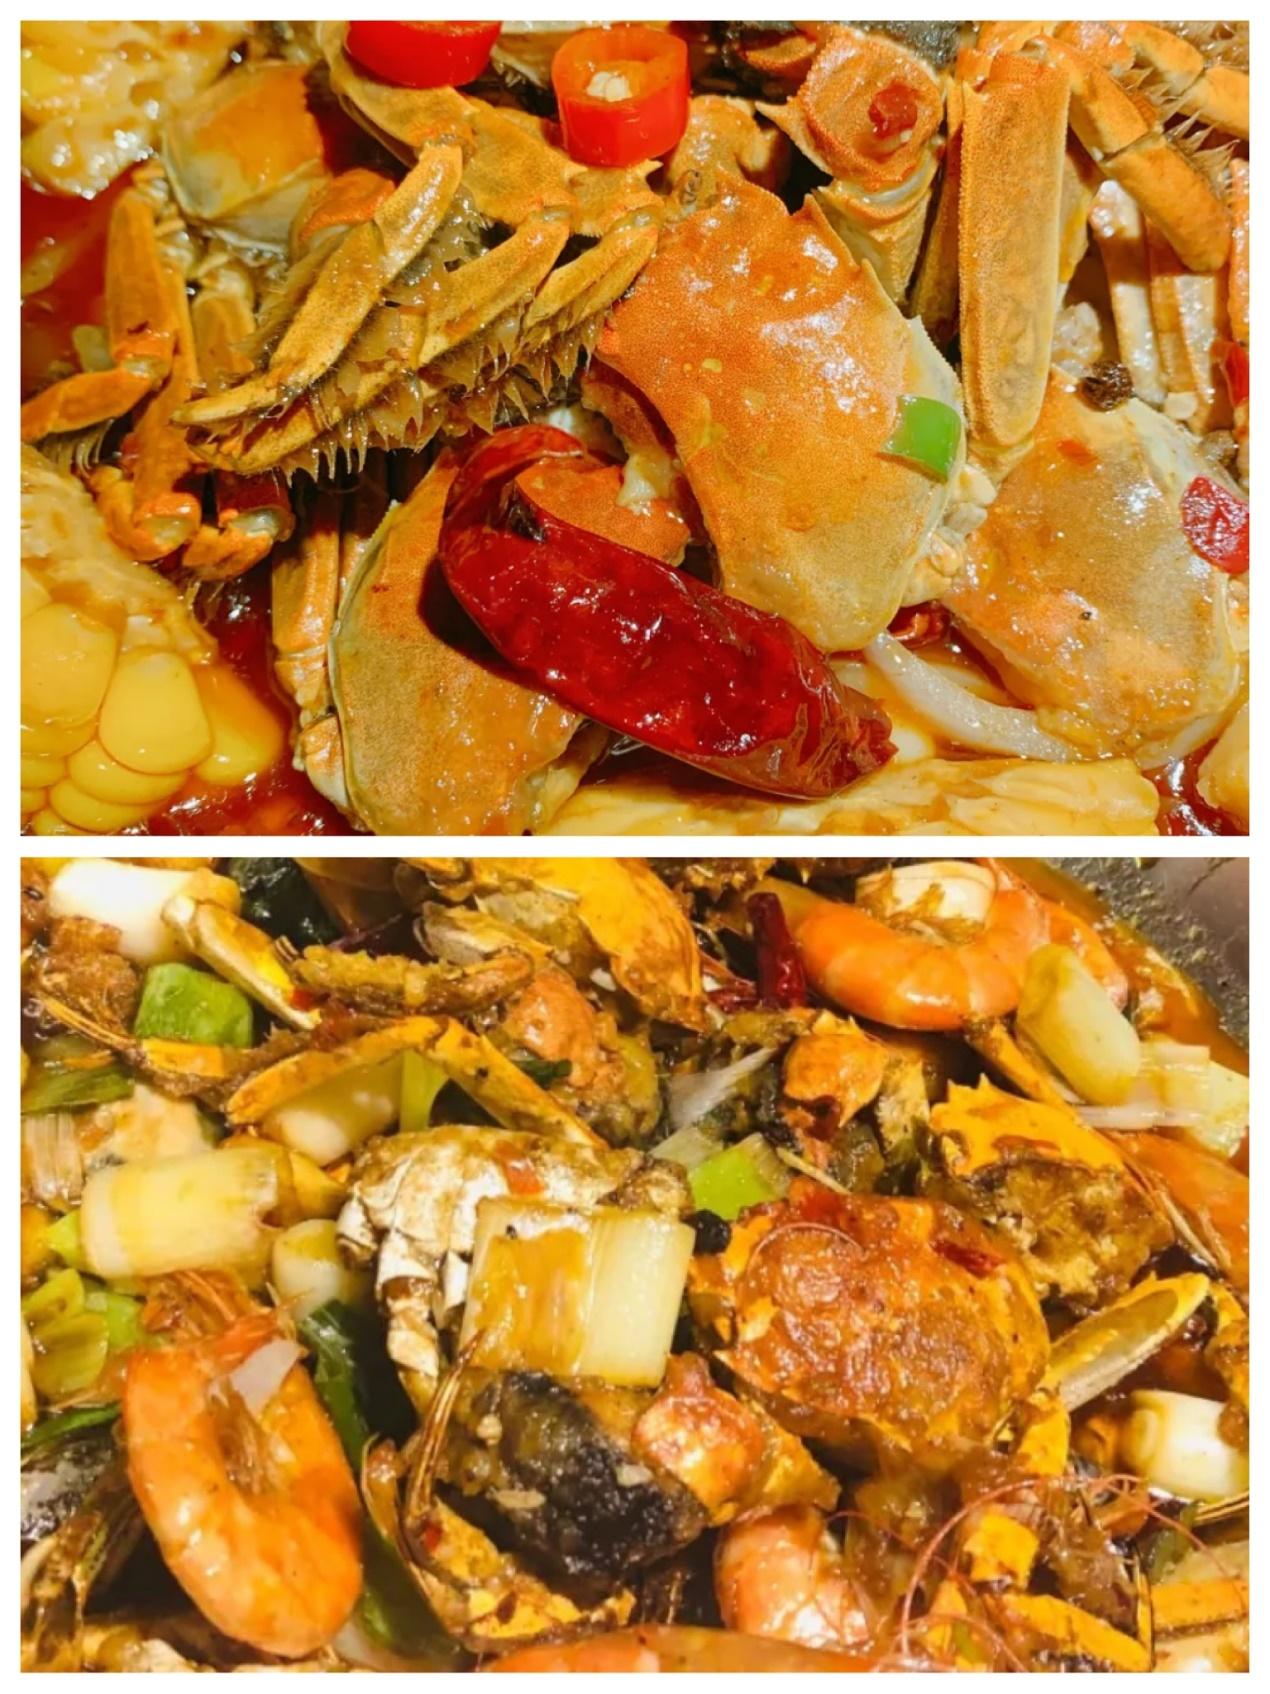 阳澄湖吃大闸蟹的地方哪里好,味甜黄满才是正宗好蟹